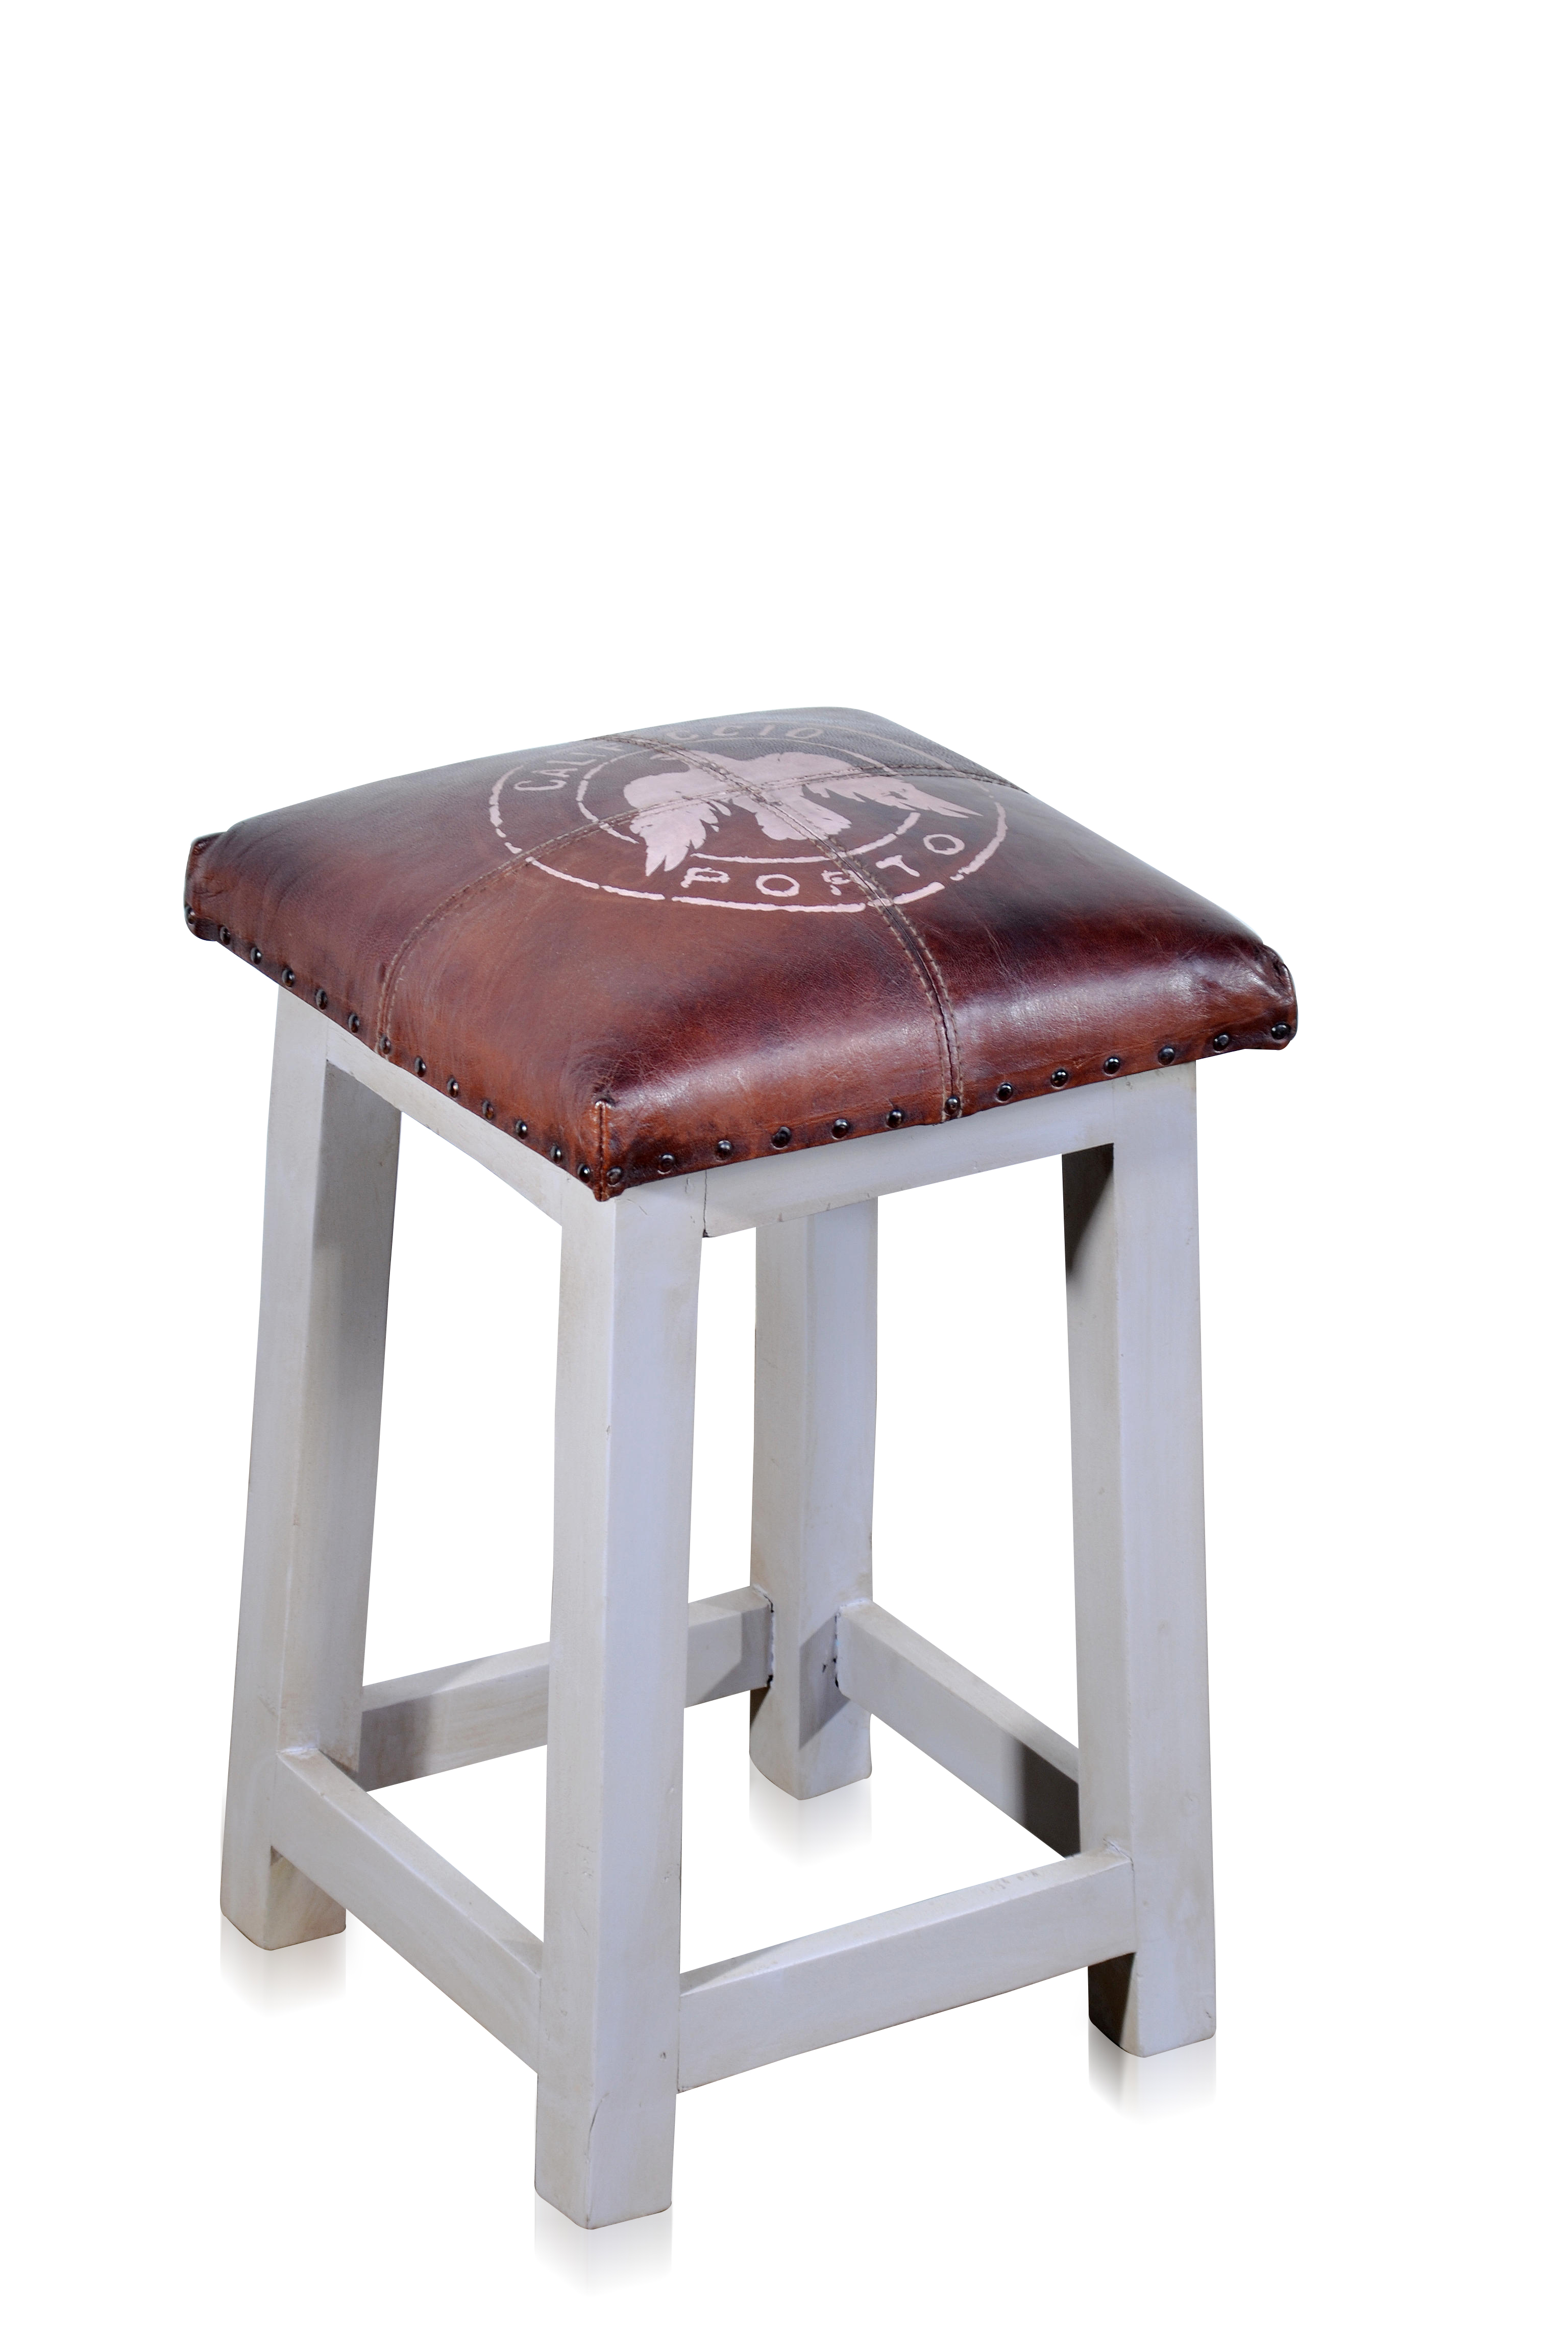 Indischer Vintage Hocker Aus Holz Und Leder Sitzmöbel Industrial